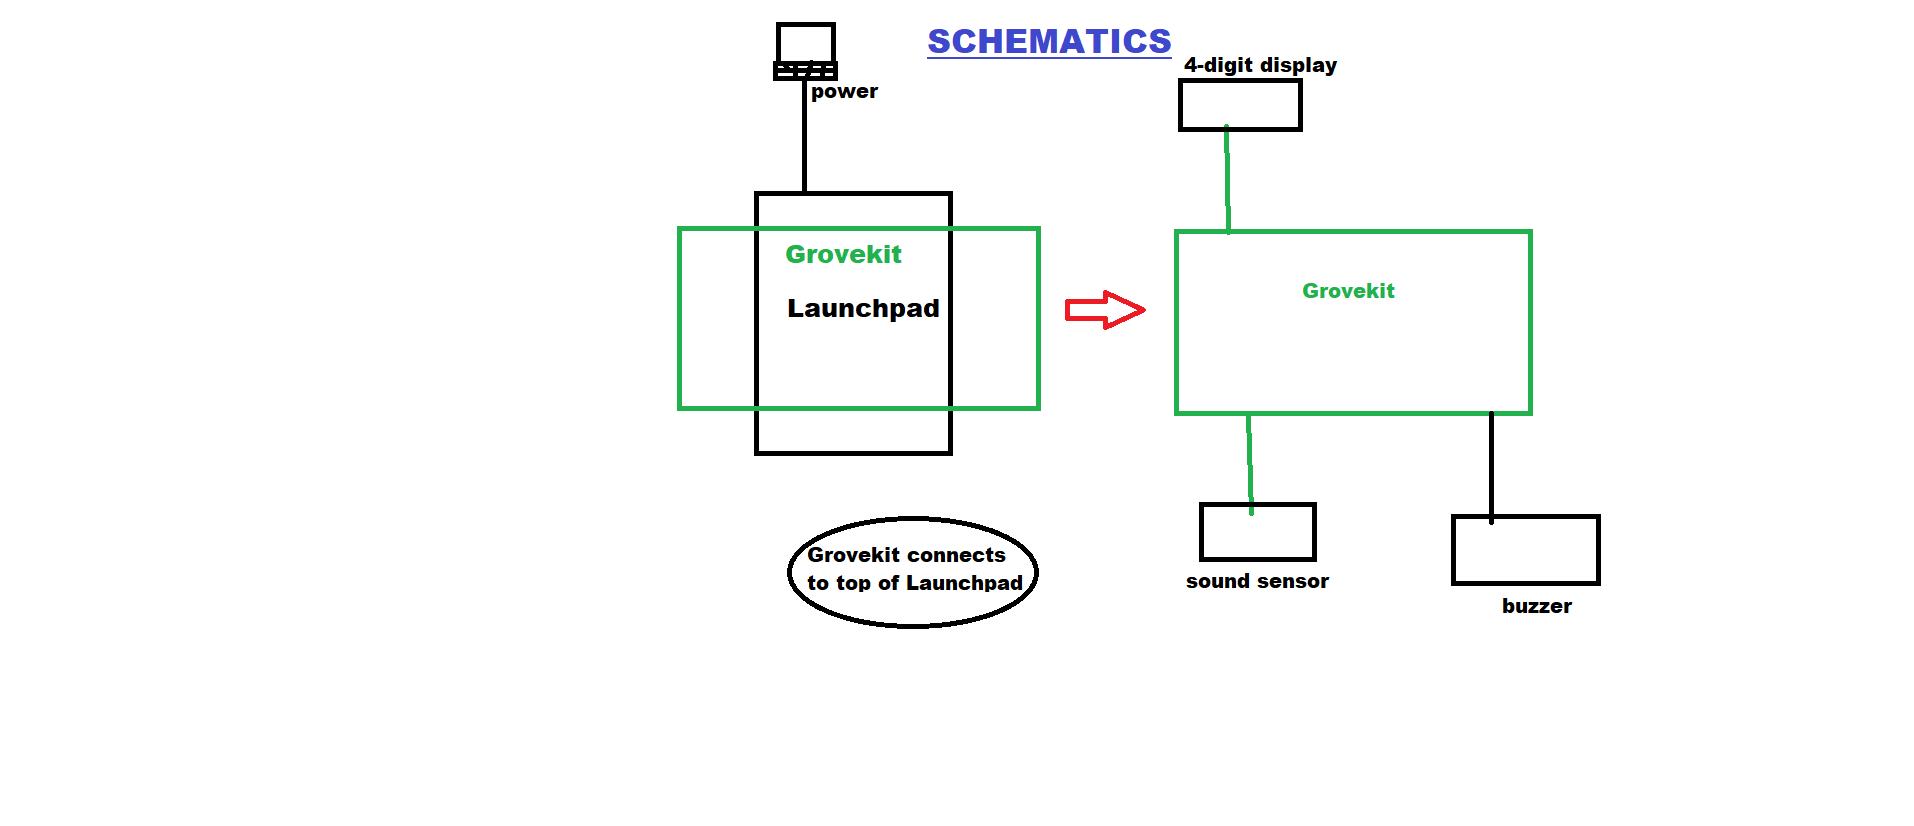 Schematics 405dsa4ynm